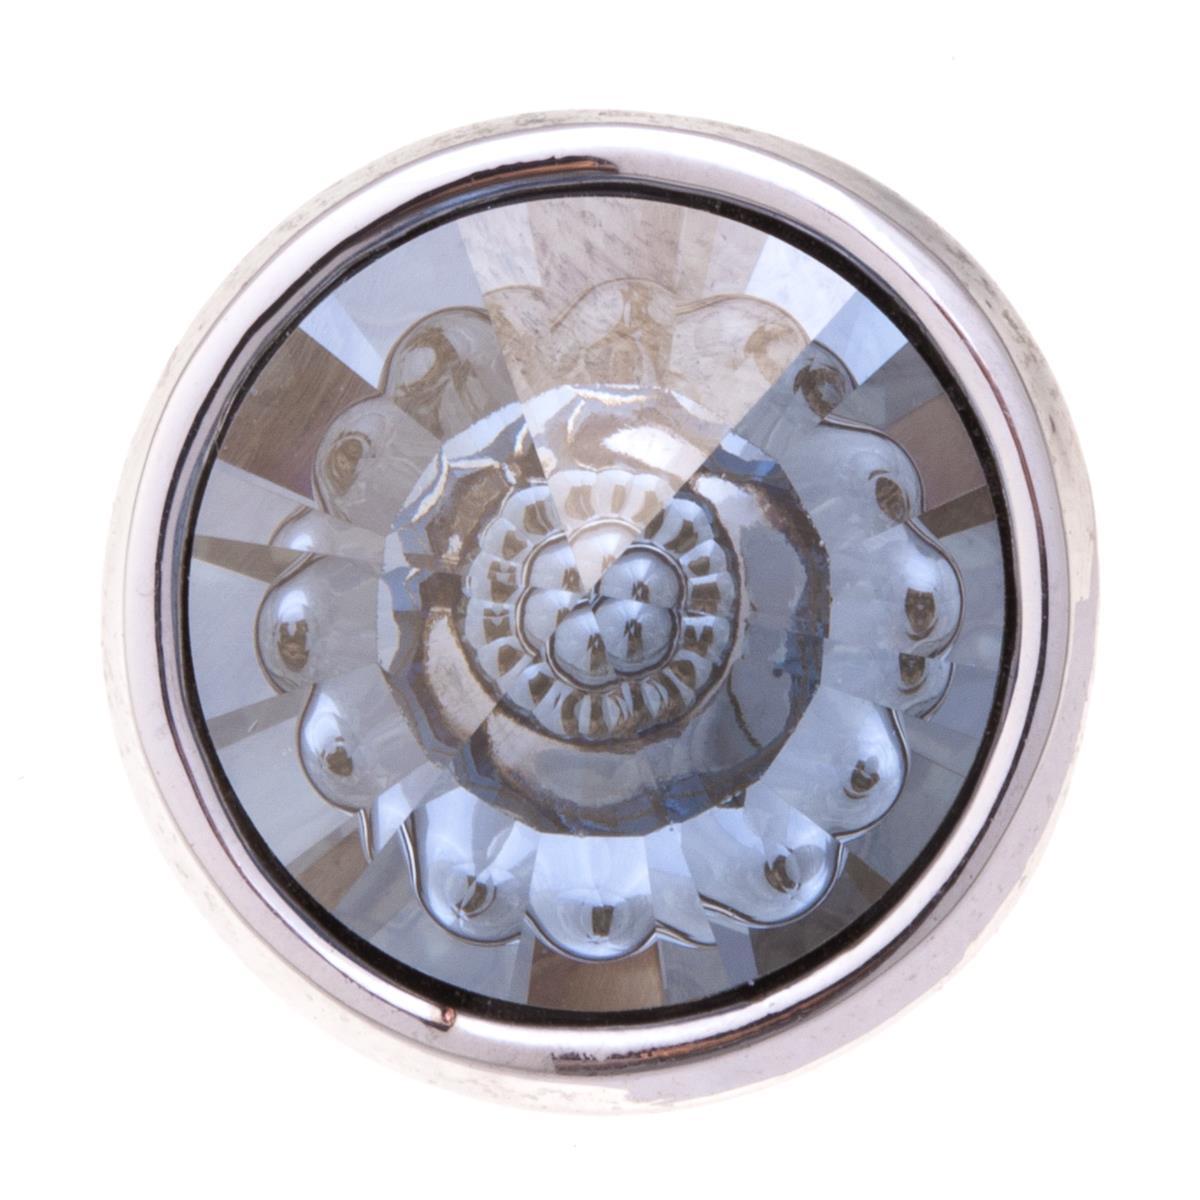 Накладка на кольцо-основу Jenavi Рууви, цвет: серебряный, серый. k189fr46k189fr46Накладка на кольцо-основу Jenavi Рууви выполнена из ювелирного сплава и дополнена граненым кристаллом Swarovski. Внутри кристалла находится причудливый цветок. Изделие оснащено штифтом с резьбой, при помощи которого накладка фиксируется на кольце-основе. Накладка на кольцо-основу Jenavi позволит экспериментировать и дополнять ваш образ каждый день.